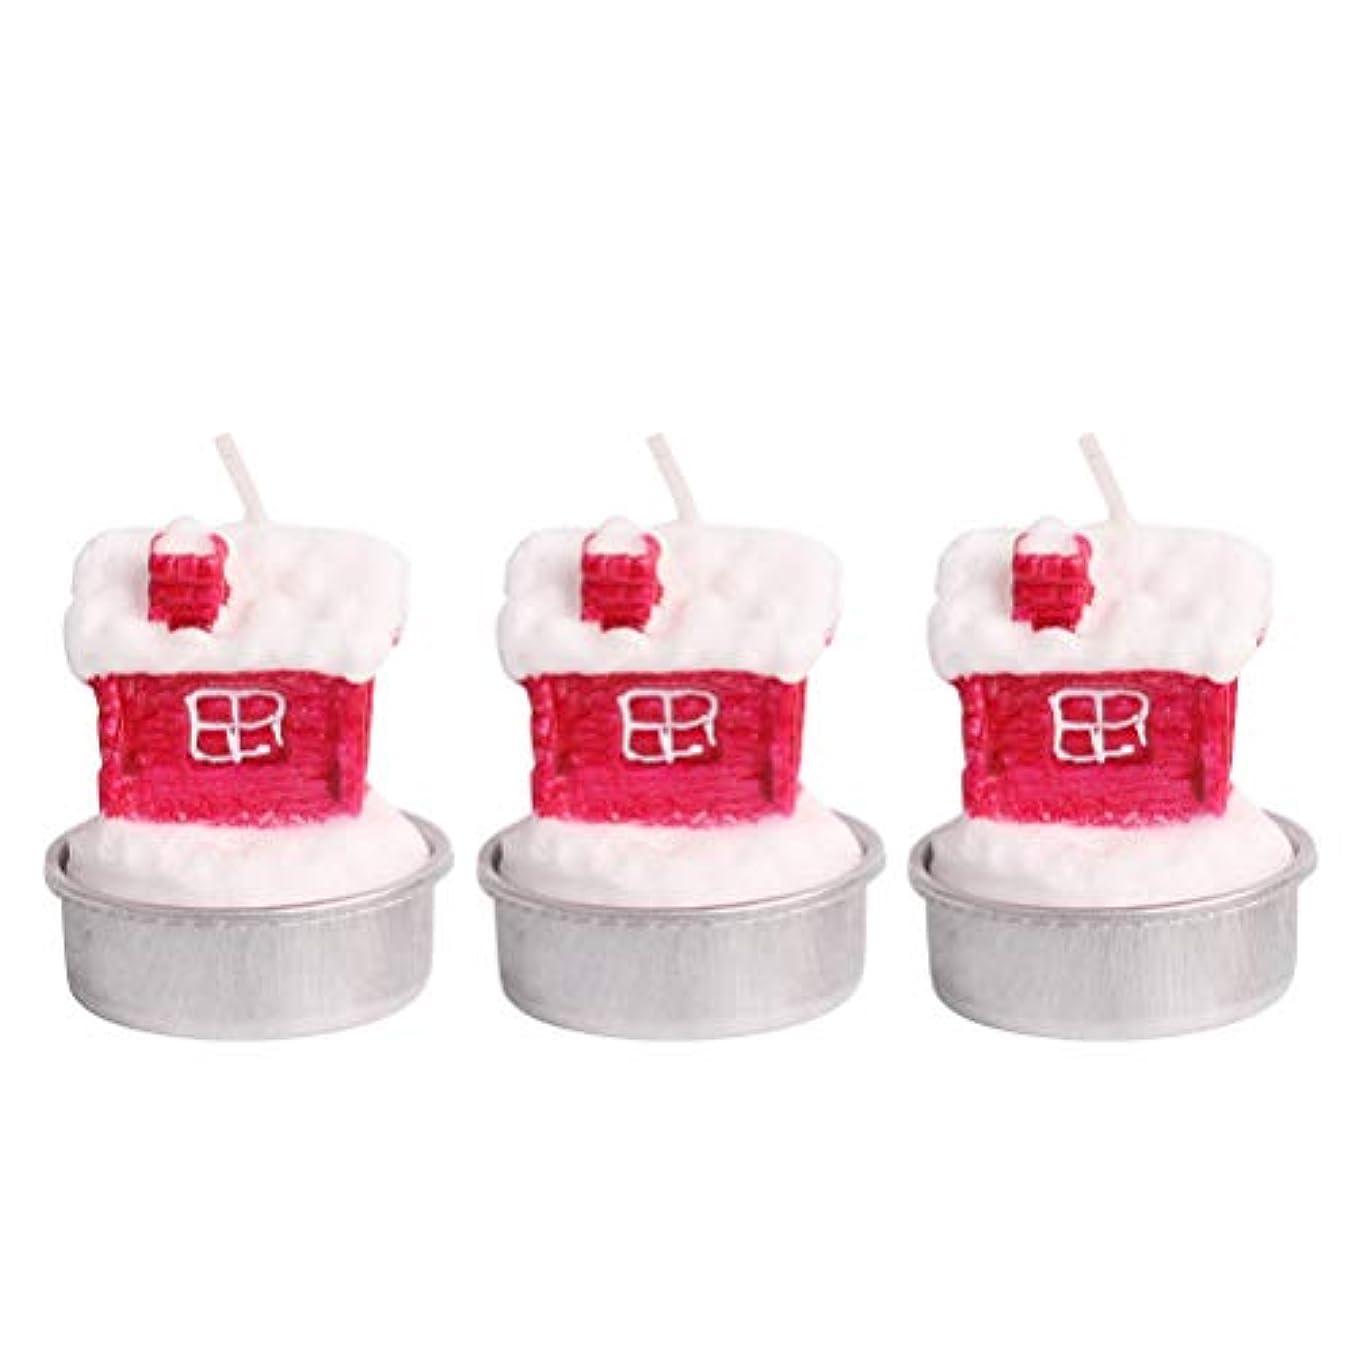 から証言する絶壁BESTOYARD ホルダー付きクリスマスキャンドルクリスマスハウステーブルデコレーション装飾品